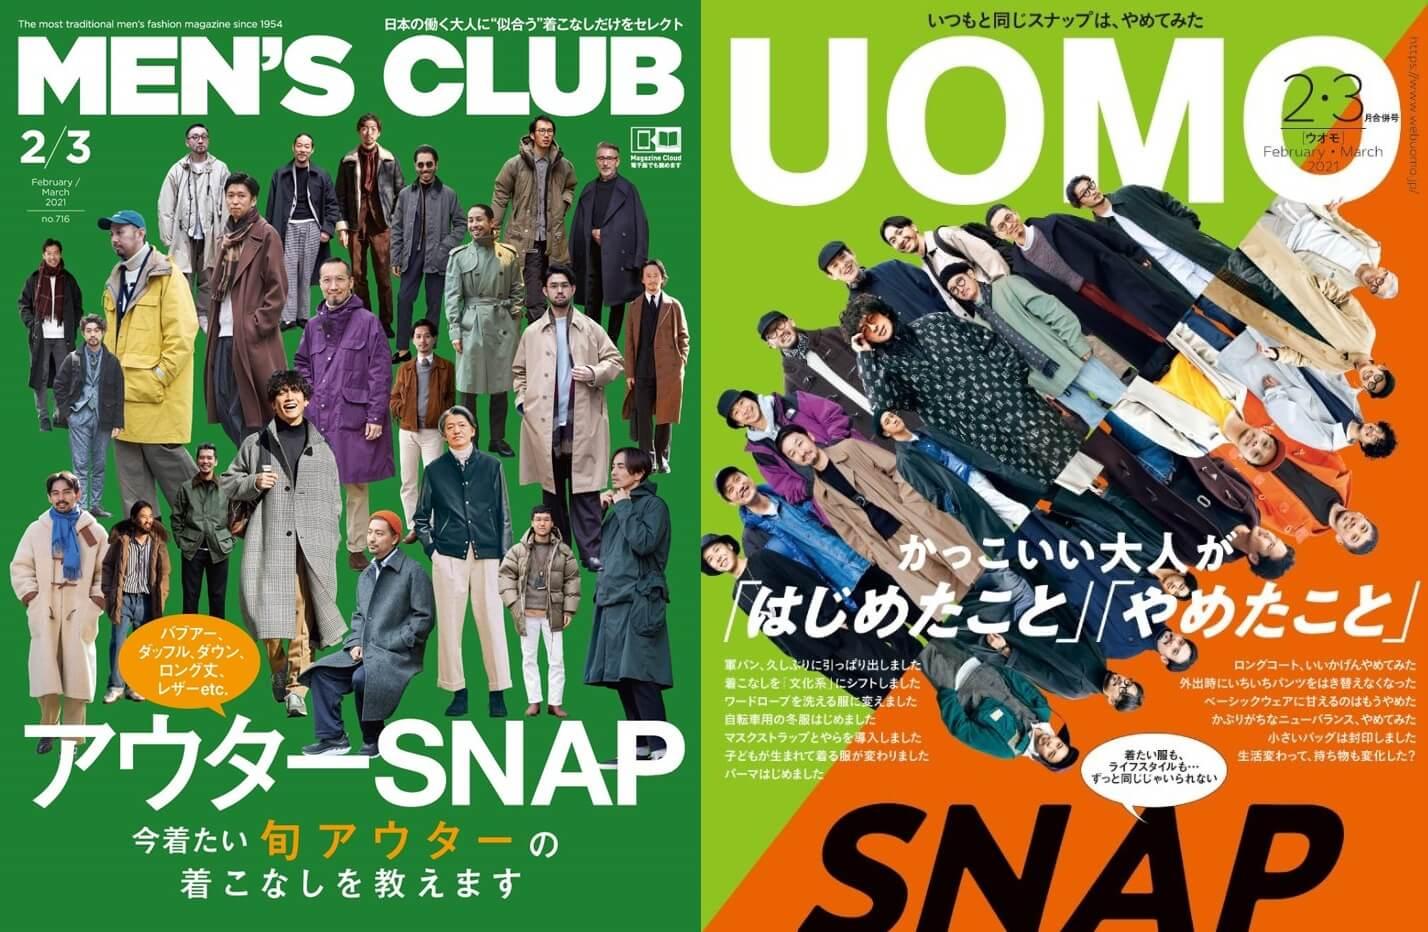 MEN'S CLUB (メンズクラブ) 2021年2・3月合併号 UOMO(ウオモ) 2021年 2・3月合併号